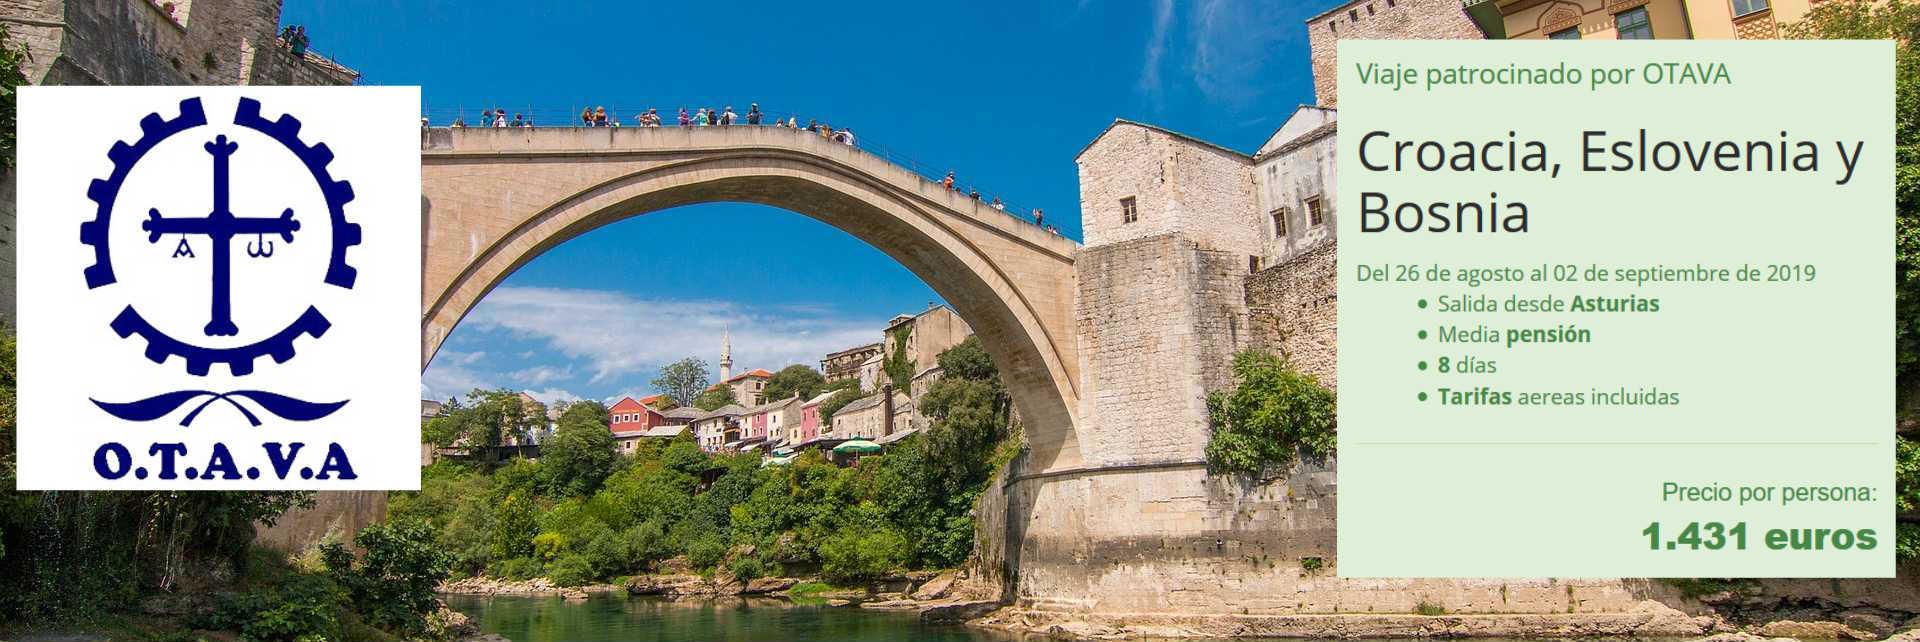 Croacia Eslovenia y Bosnia